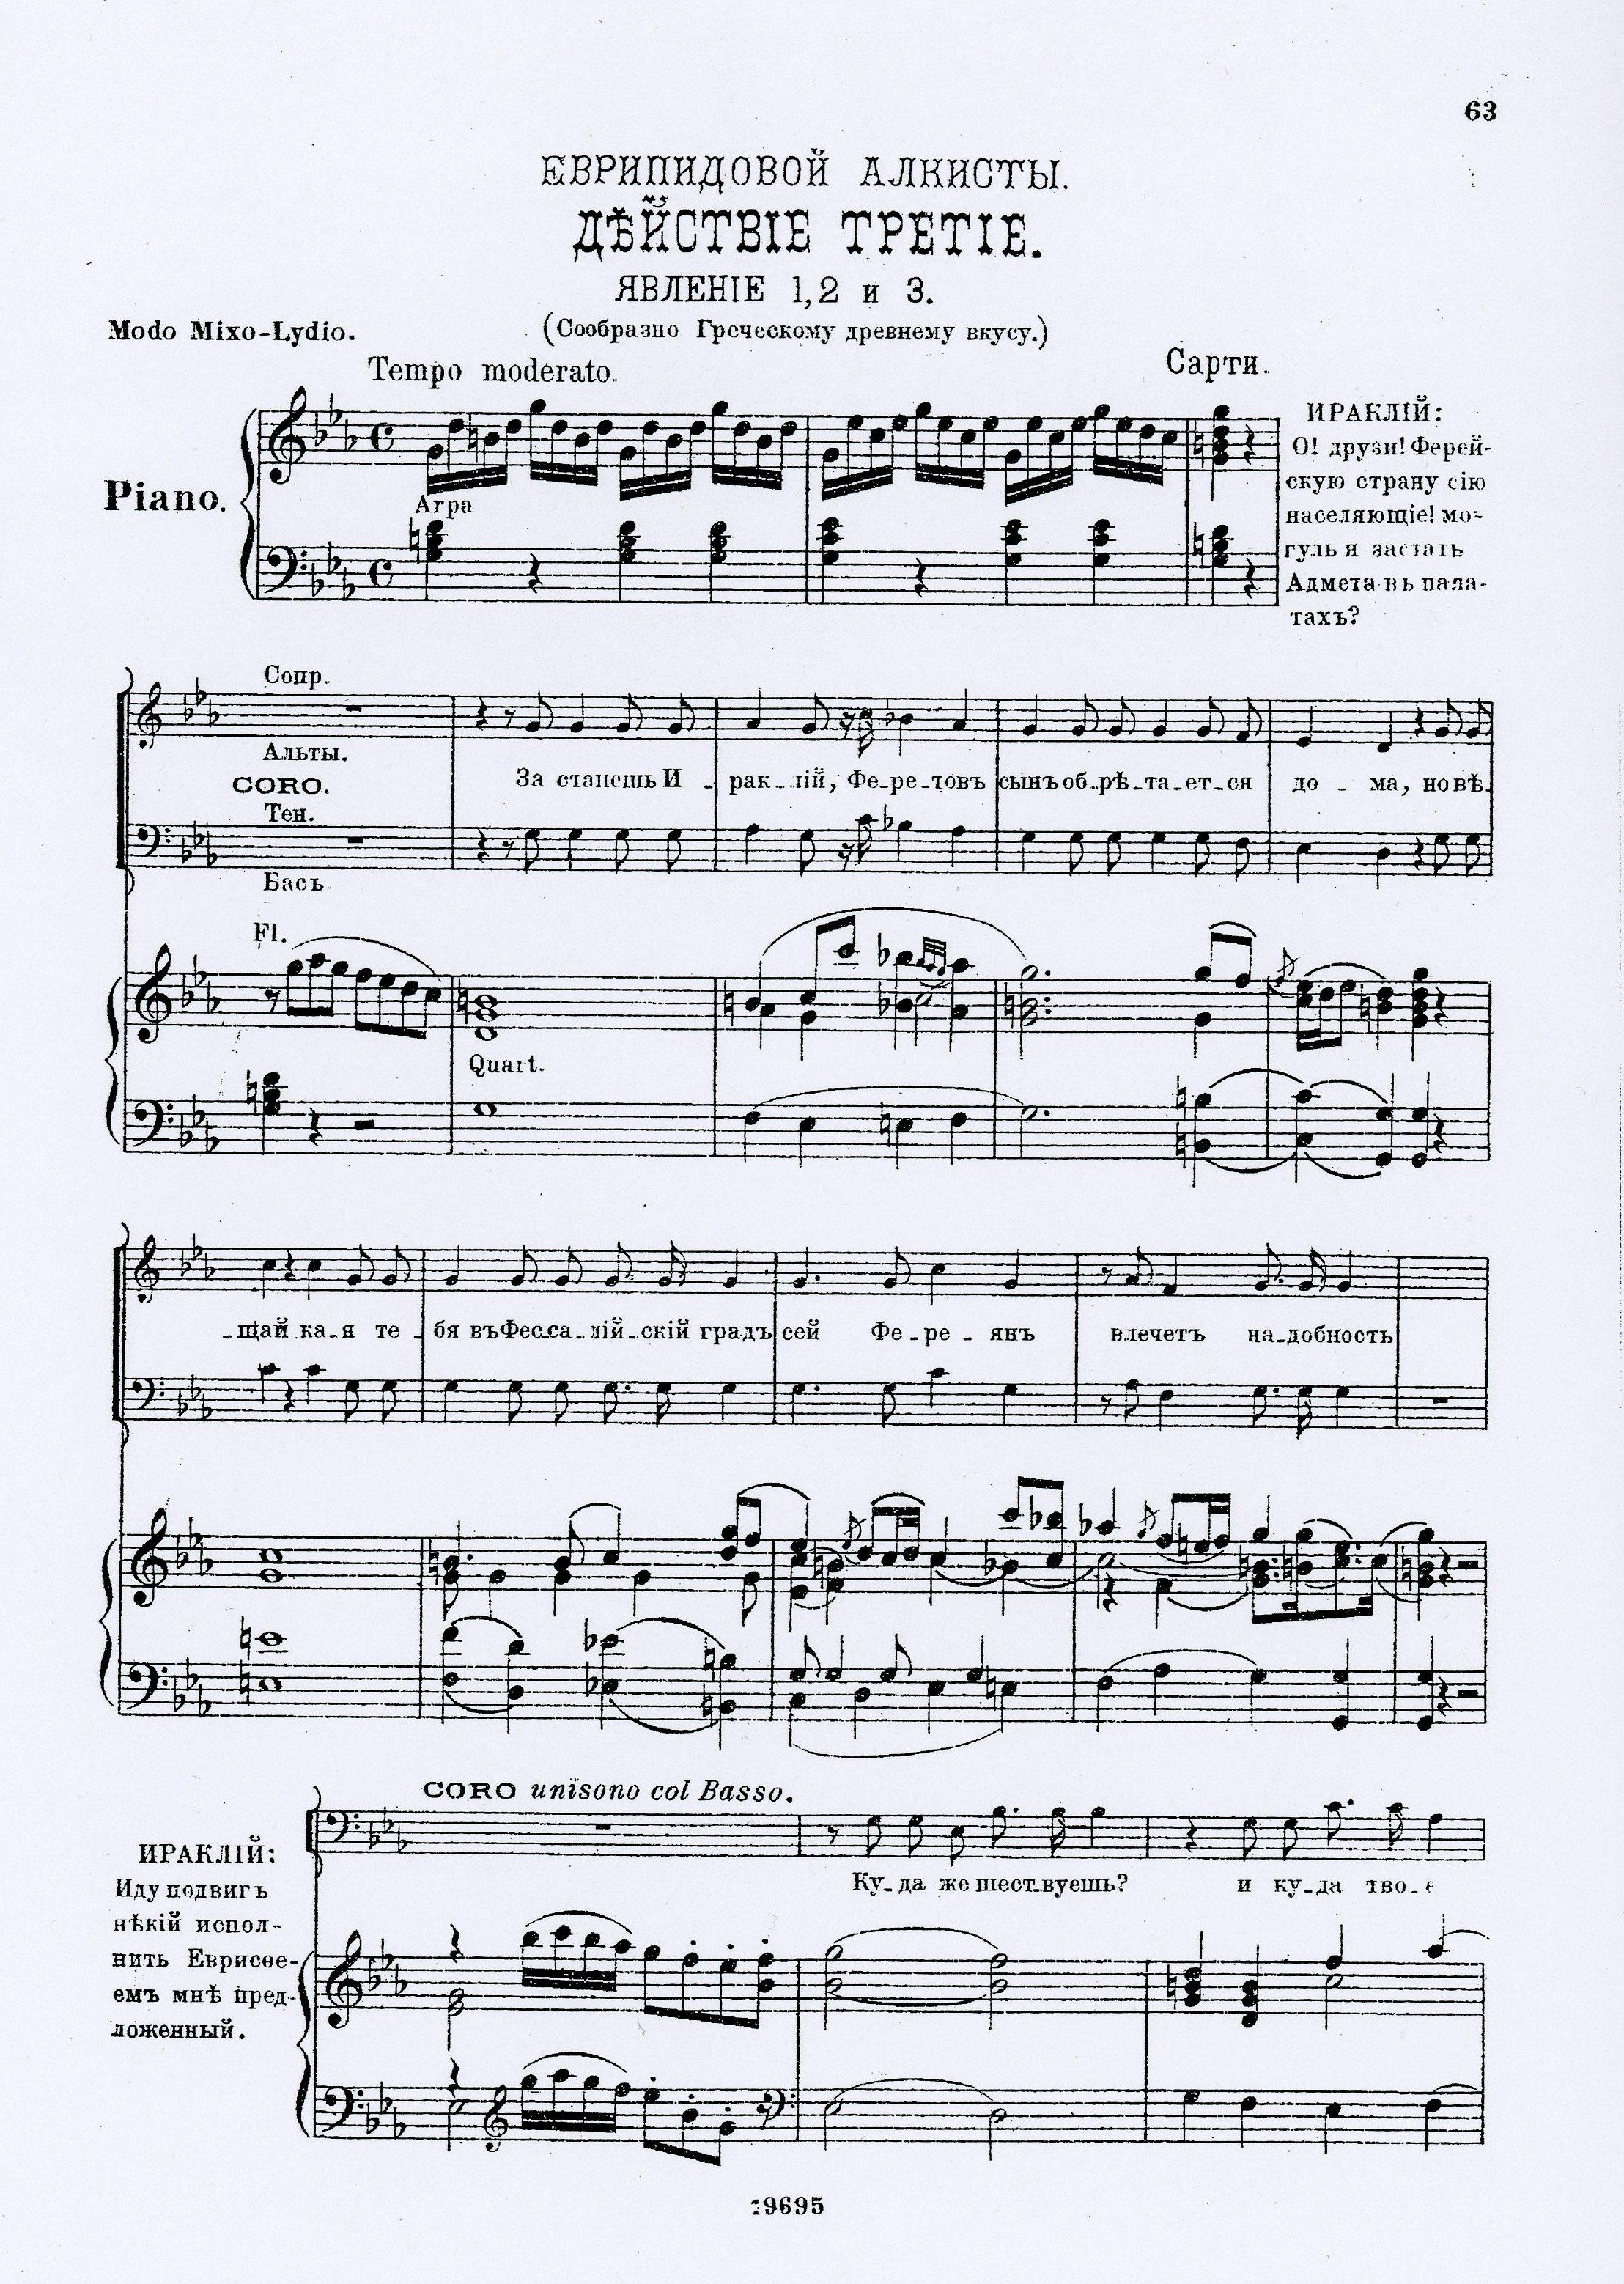 Zeichnen Sie einen Blick, wie eine Melodie aus Trompete für Hochzeit Trompete Brautkleider